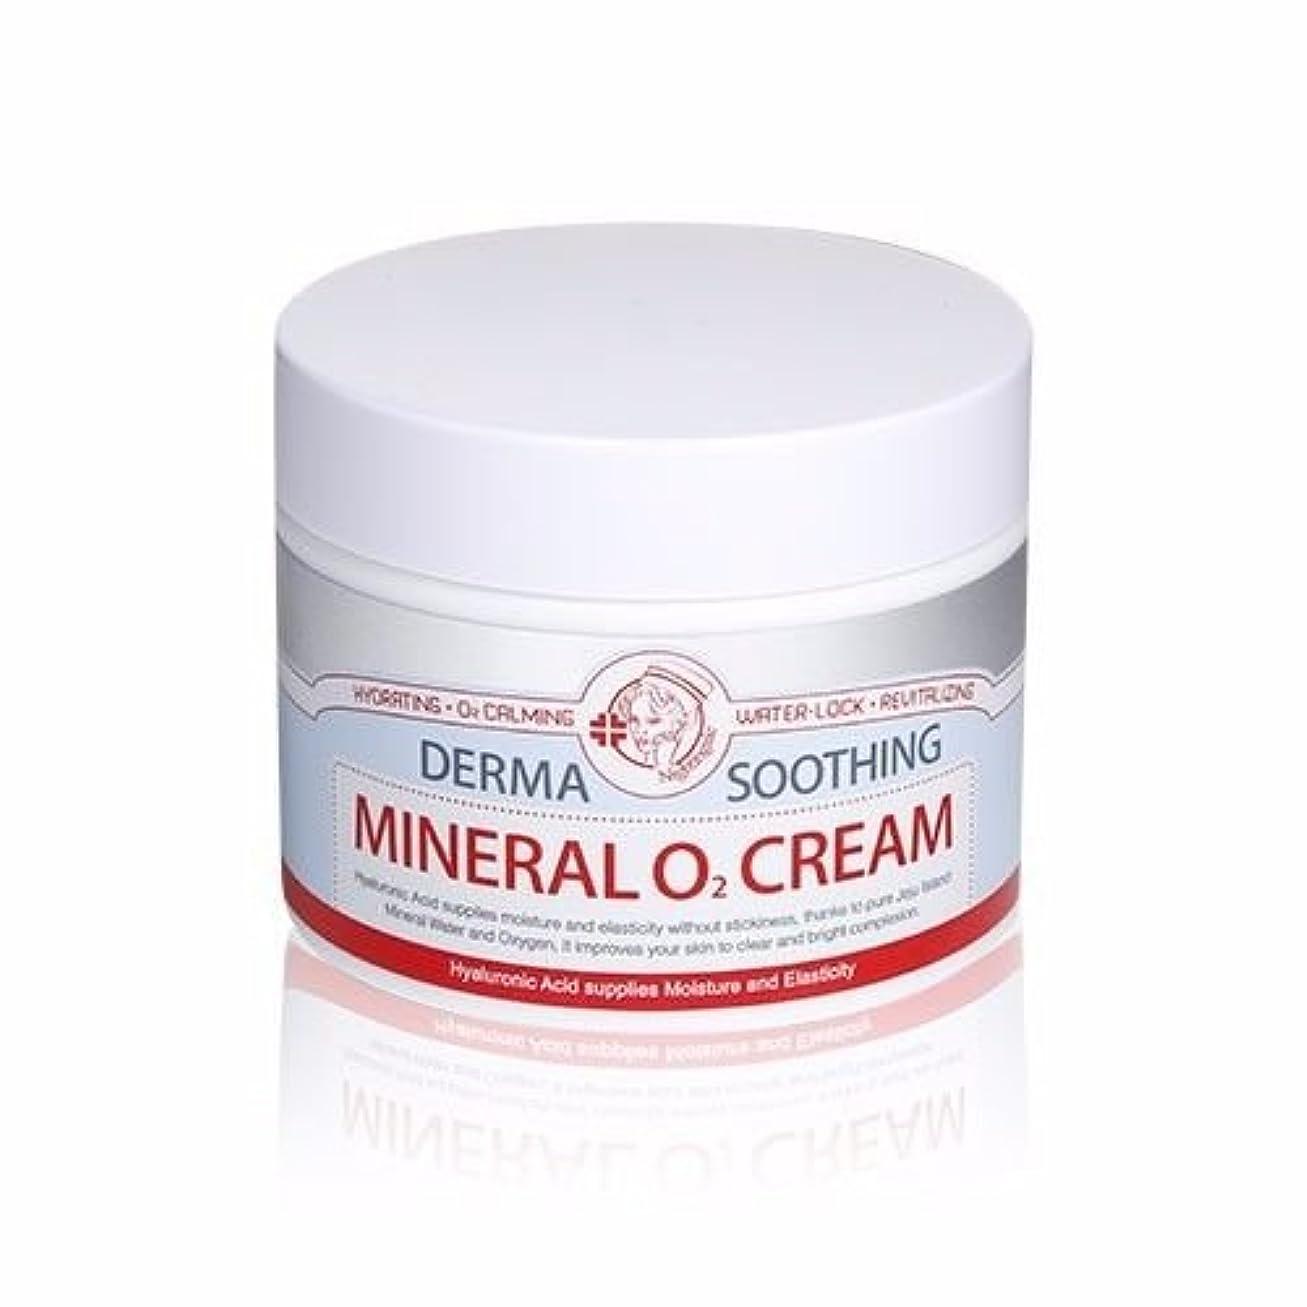 トイレチャーミング要塞Nightingale Derma Soothing Mineral O? Cream 100ml/ナイチンゲール ダーマ スージング ミネラル オーツー クリーム 100ml [並行輸入品]